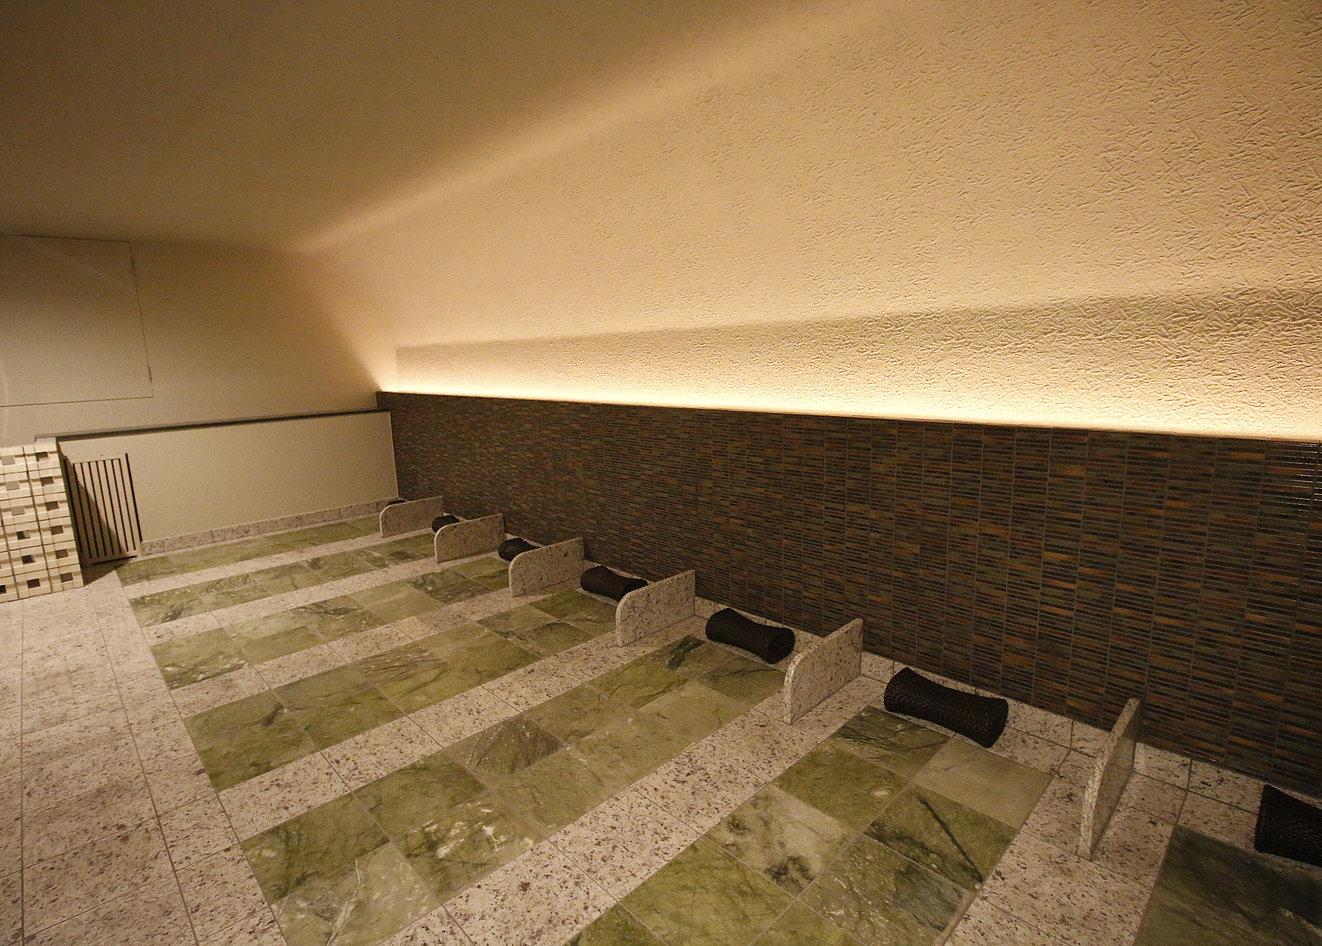 岩盤浴が無料! 気軽な温泉旅行にオススメな、岐阜県本巣市「ぬくいの湯」 - 2CACBB1B 1D75 4237 8F1B 4554A43820FC